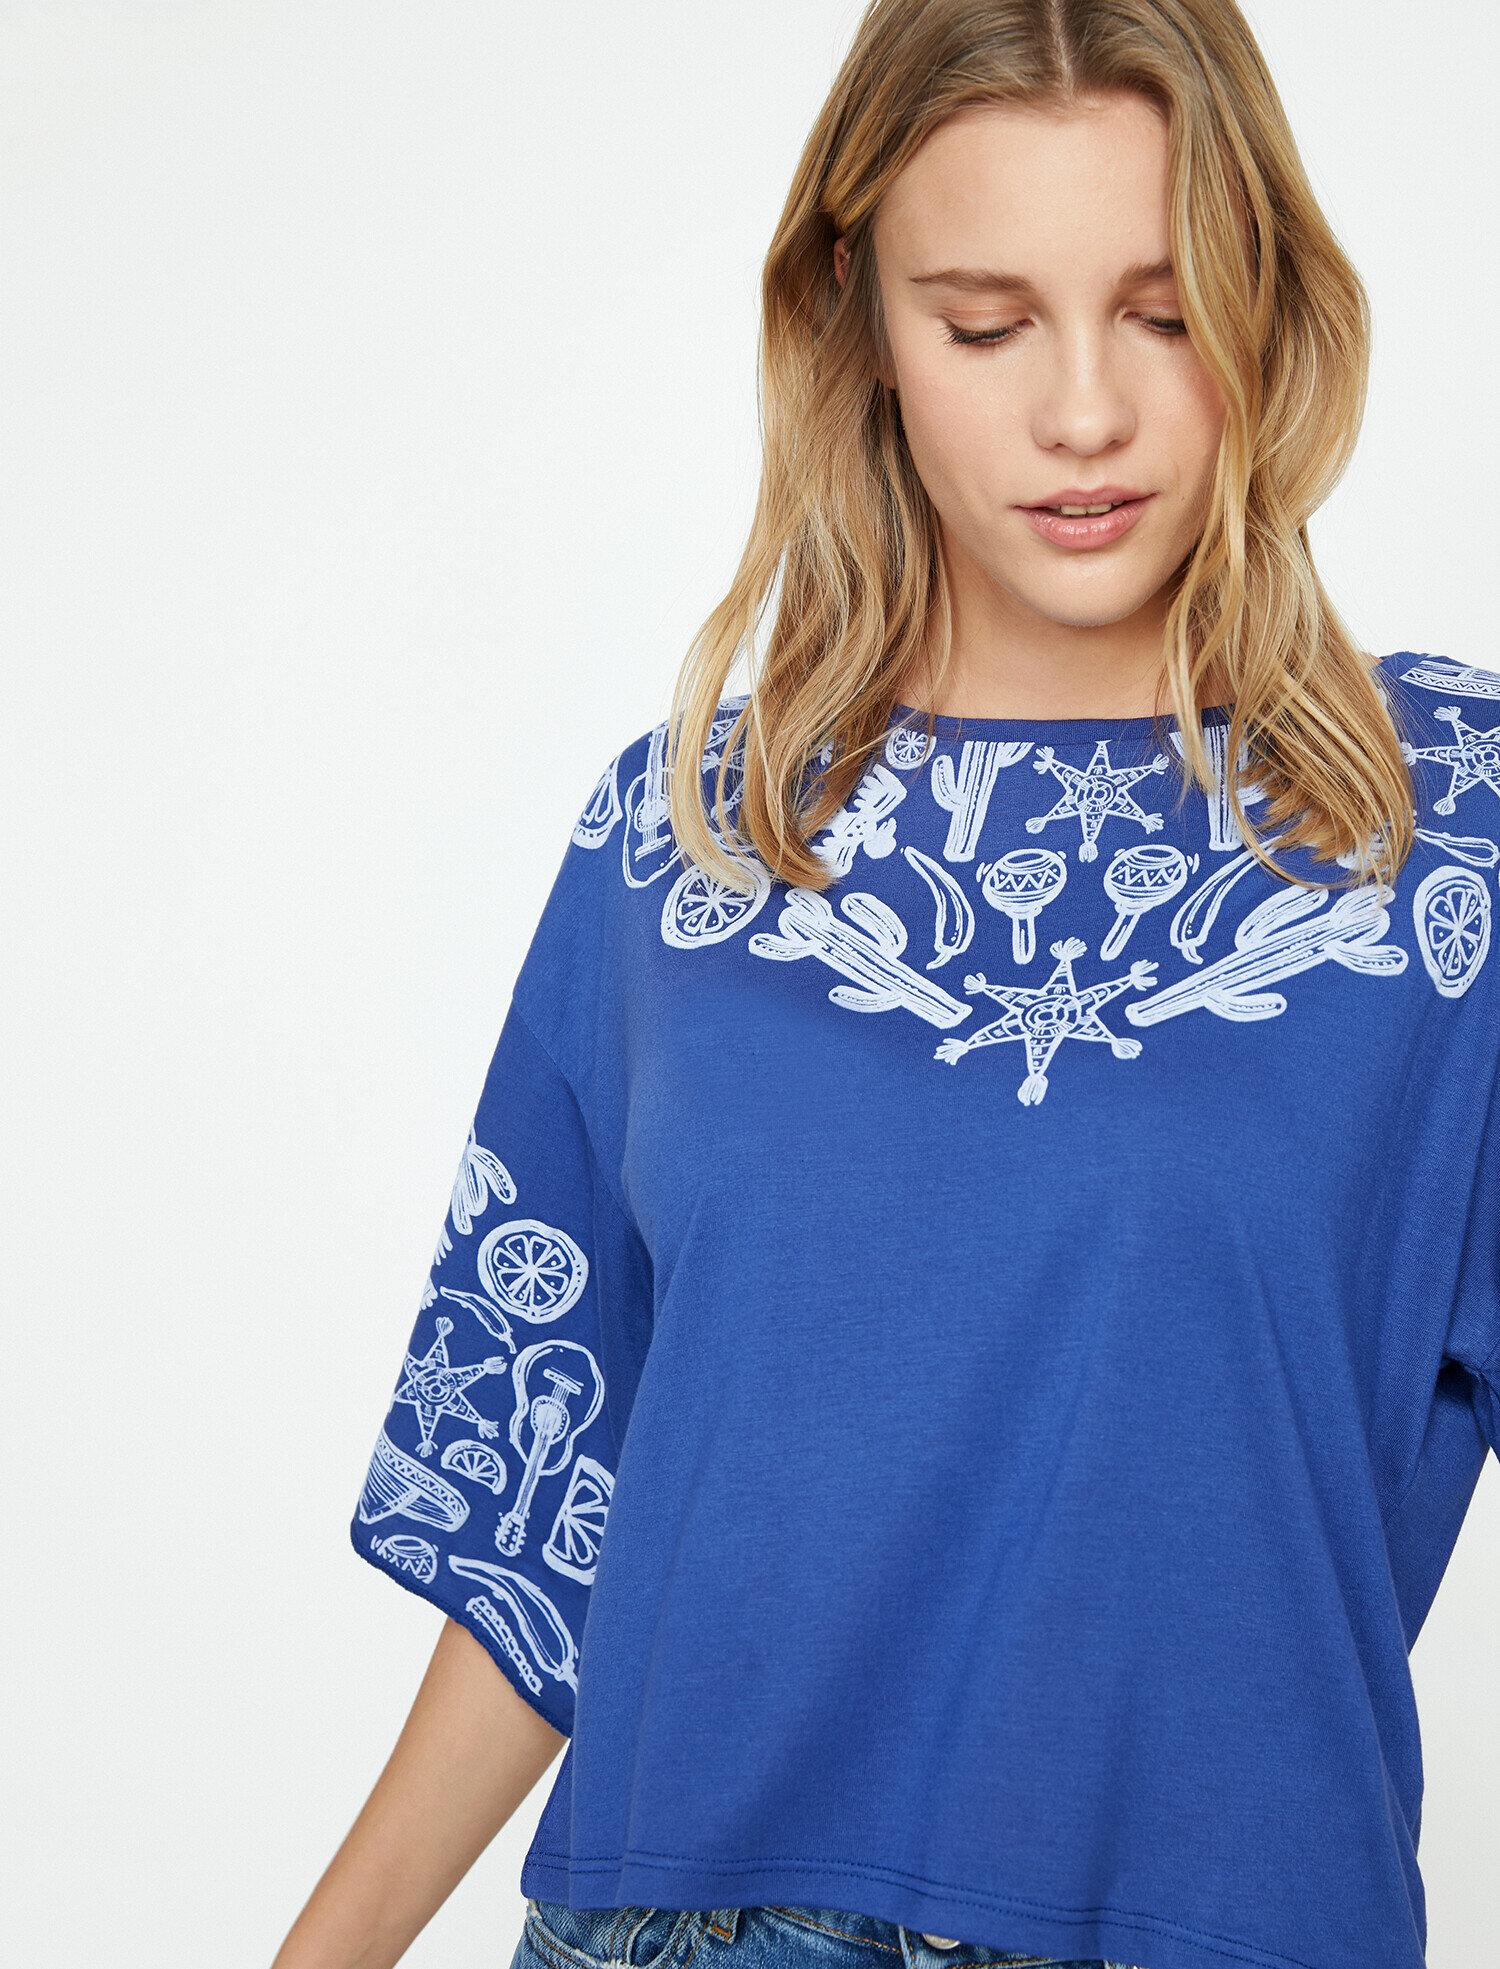 Koton Kadın Baskili T-Shirt Lacivert Ürün Resmi